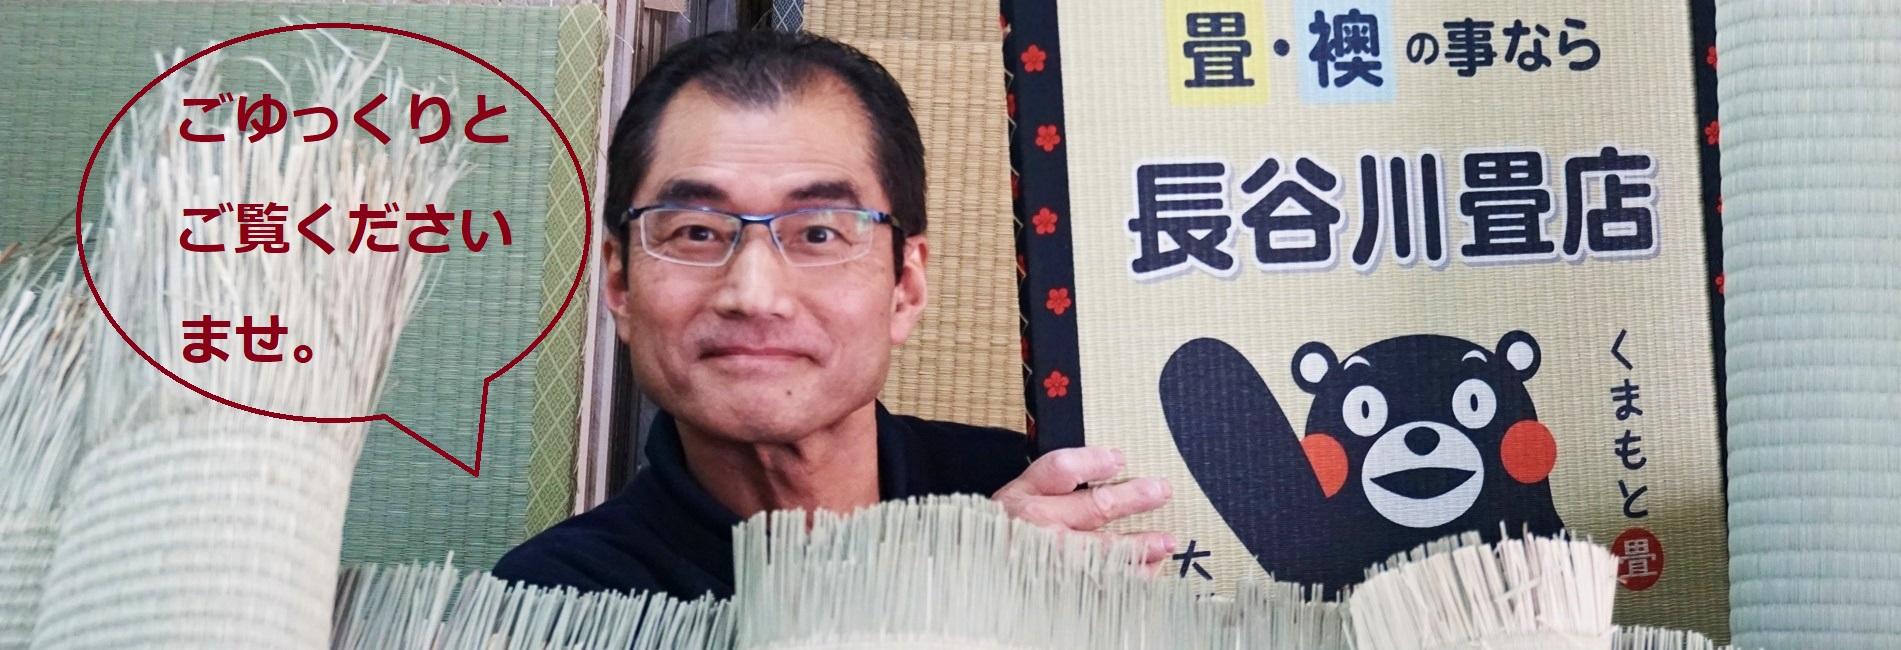 長谷川畳店トップ写真C